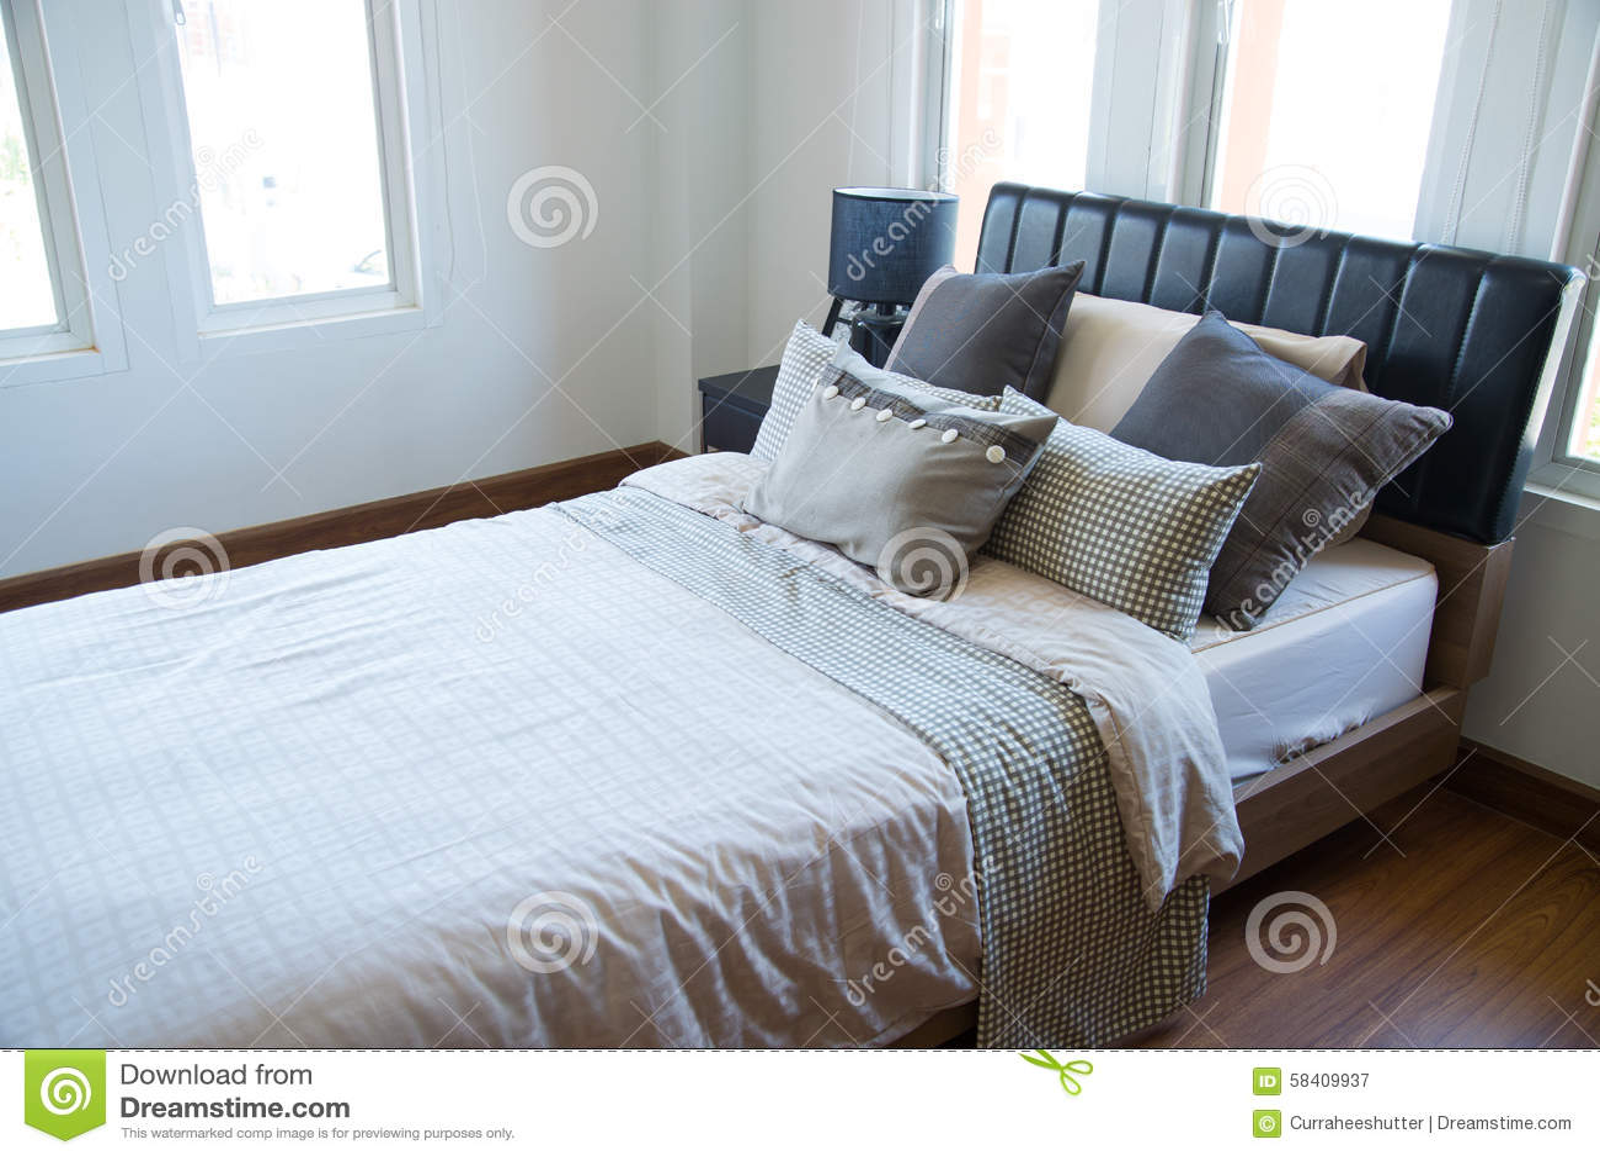 Innenraum Des Modernen Raumes Oder Des Bettraumes, Klassisches  Luxusschlafzimmer Mit Dekoration, Modernes Schlafzimmer Mit